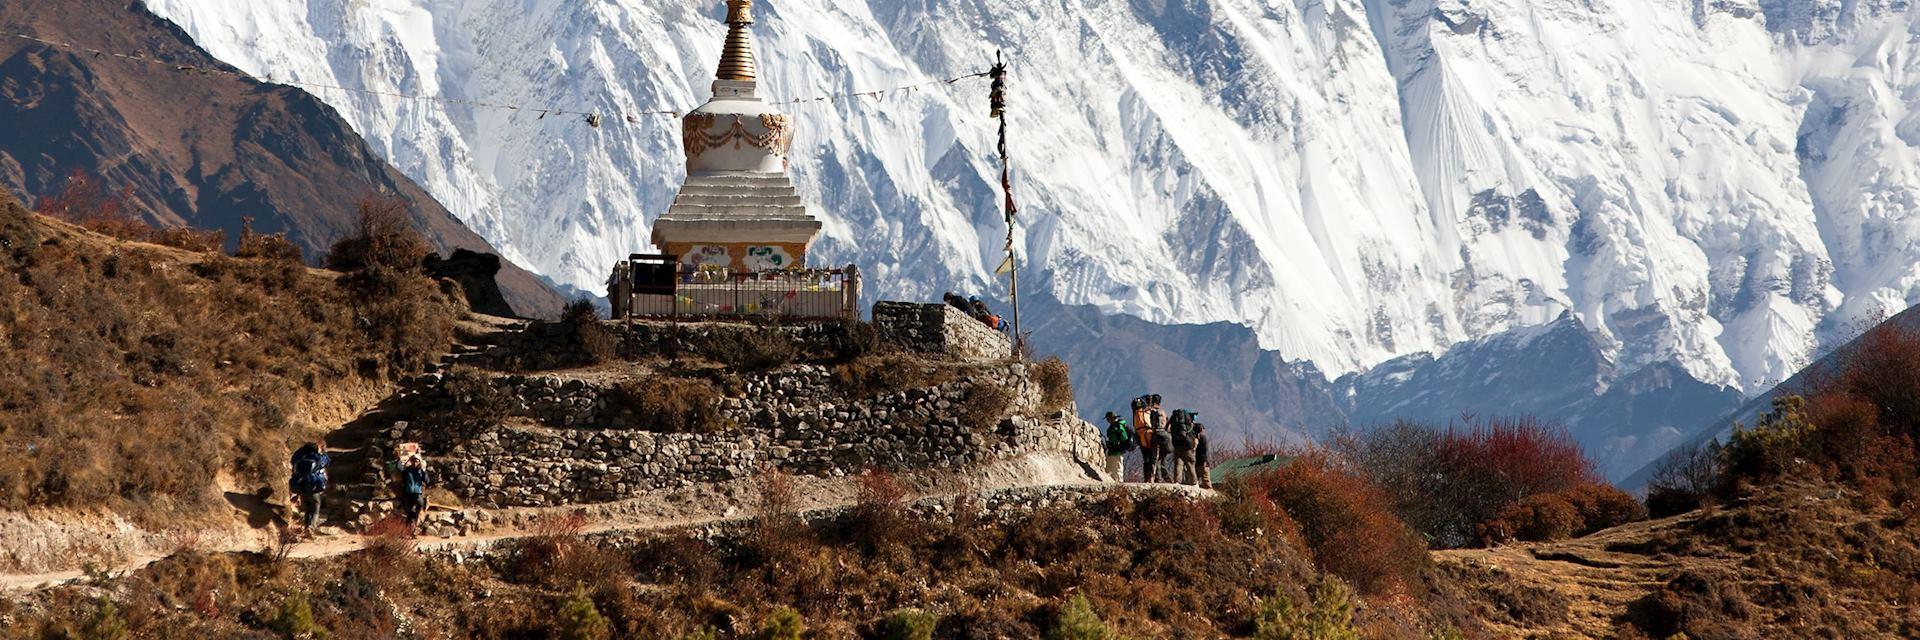 Stupa, Namche Bazar